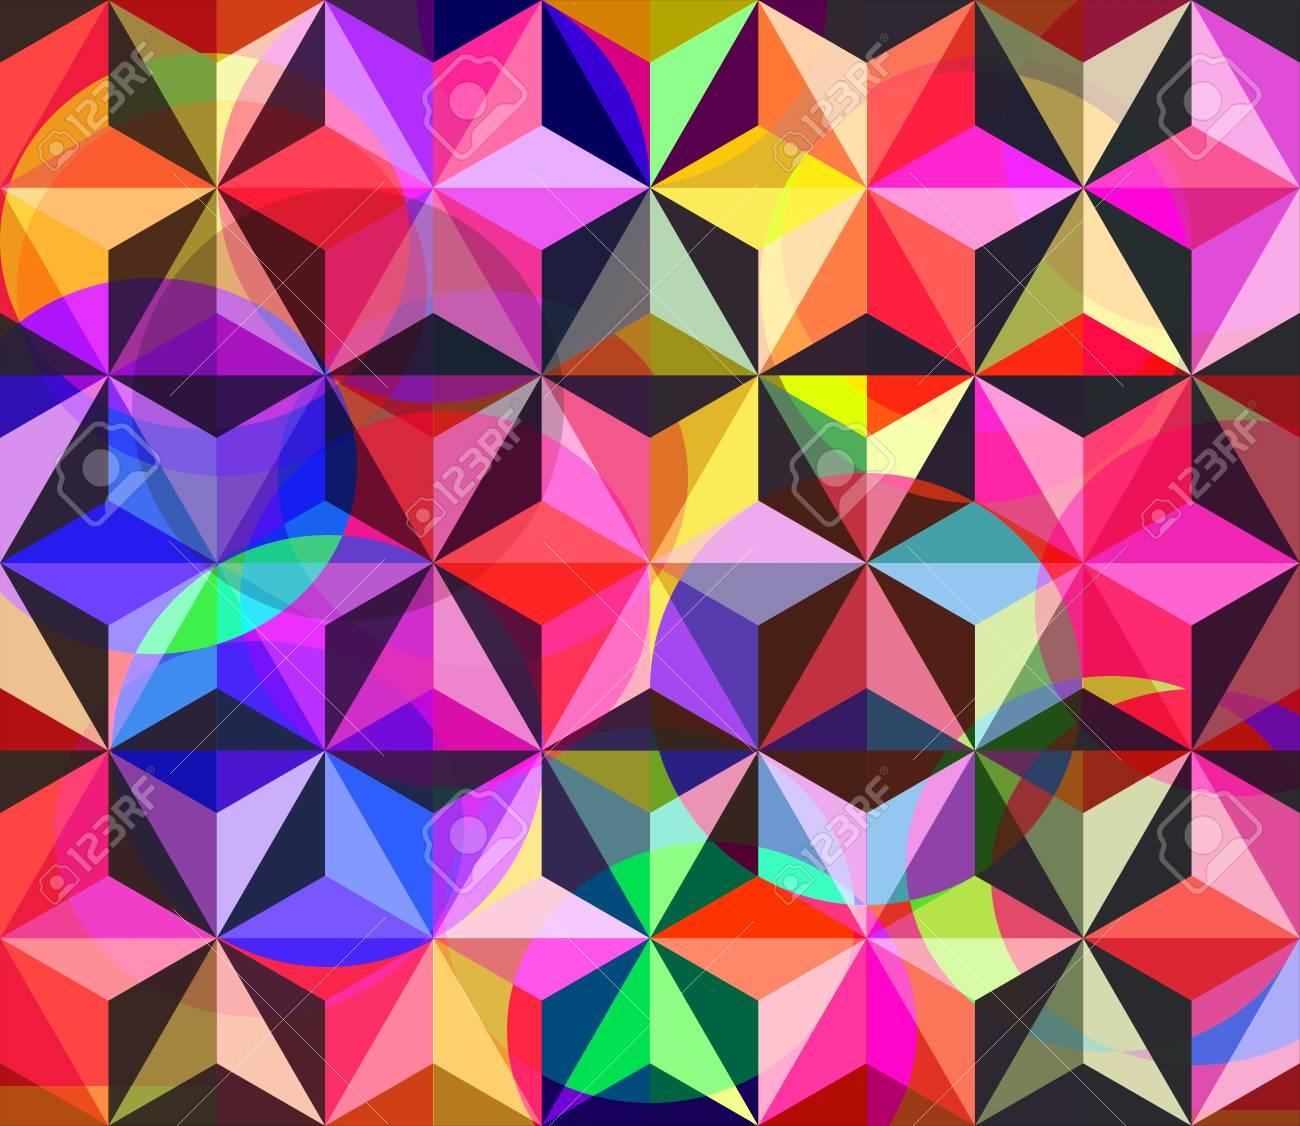 Bunte Mosaik Mit Geometrischen Blumen. Nahtlose Hintergrund. Drucken ...